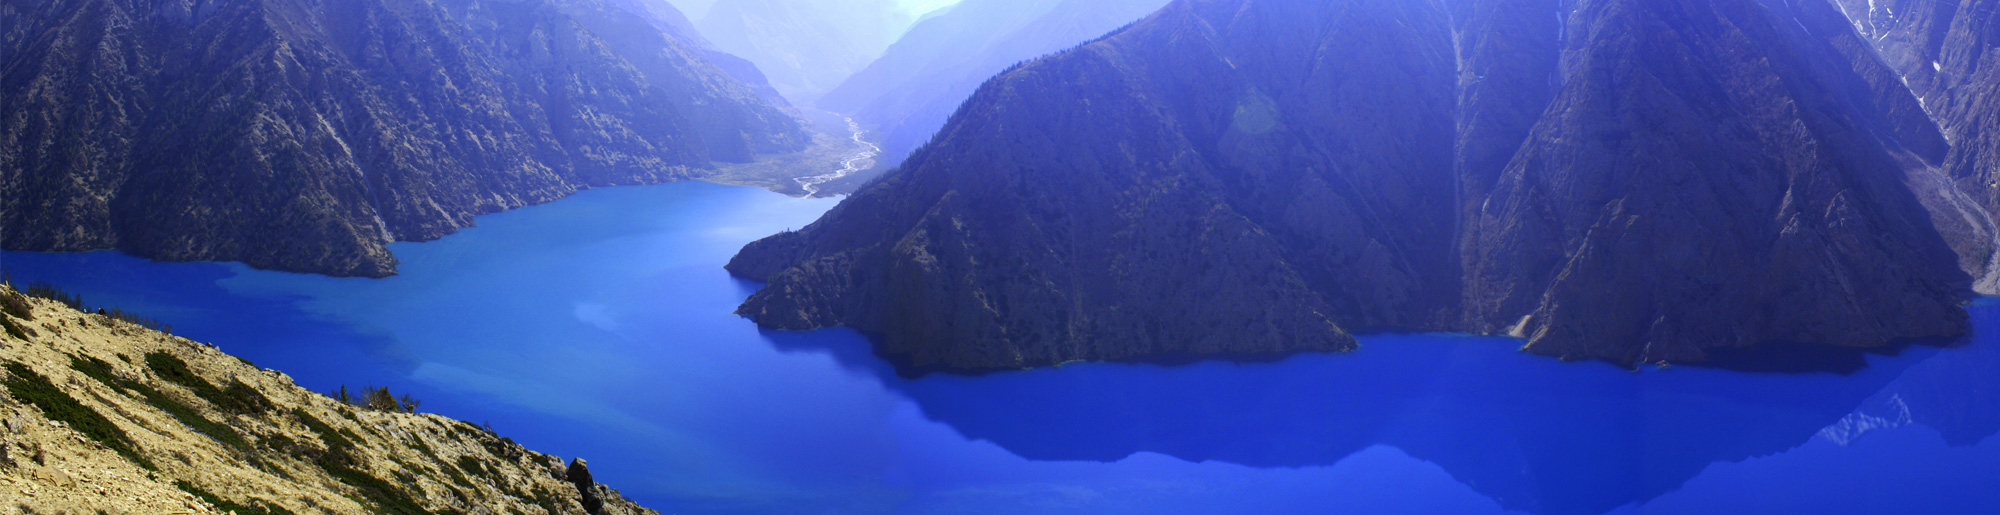 phoksundo-lake-nepal